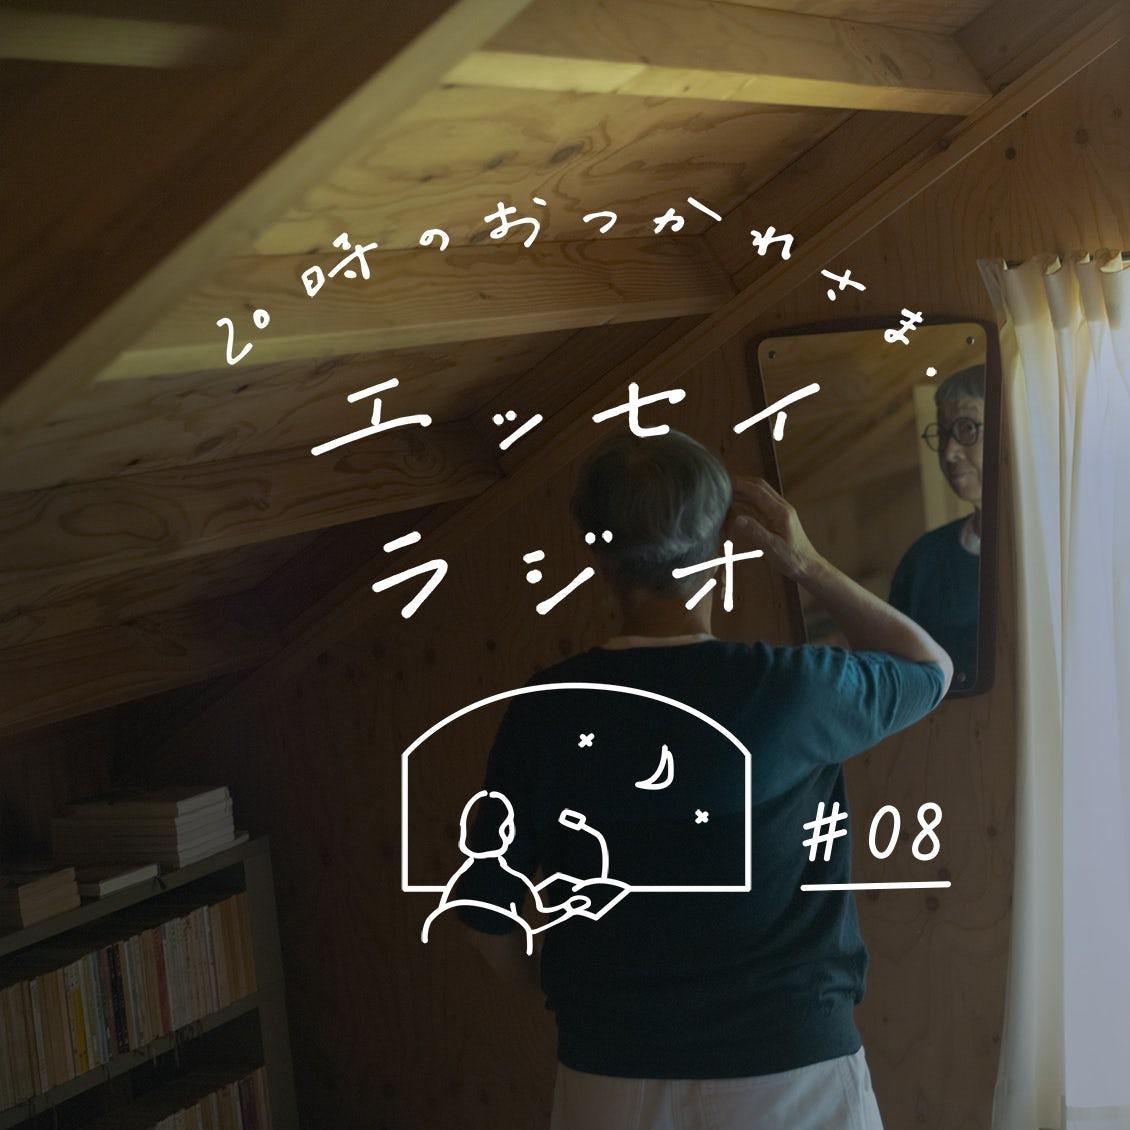 【エッセイラジオ】第8夜:徳田 民子さんのエッセイ「今はグレイヘア」(読み手:スタッフ齋藤)